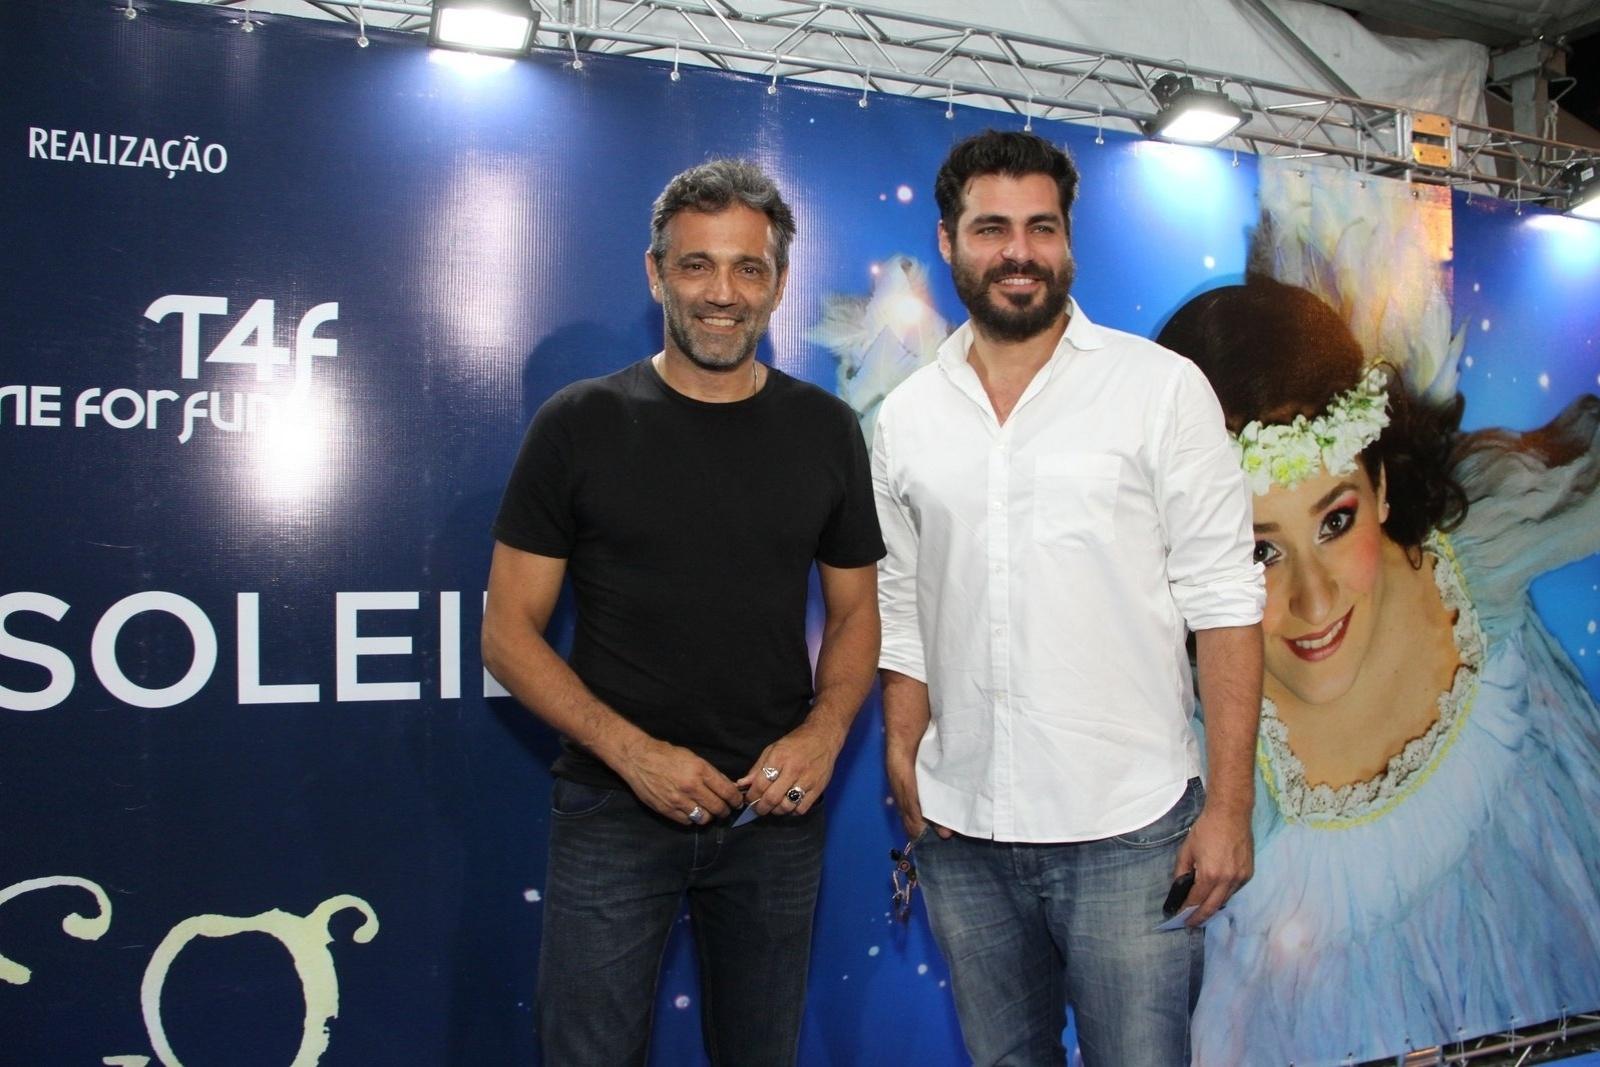 28.dez.2013 - Os atores Domingos Montagner e Thiago Lacerda conferem a sessão para convidados da estreia de